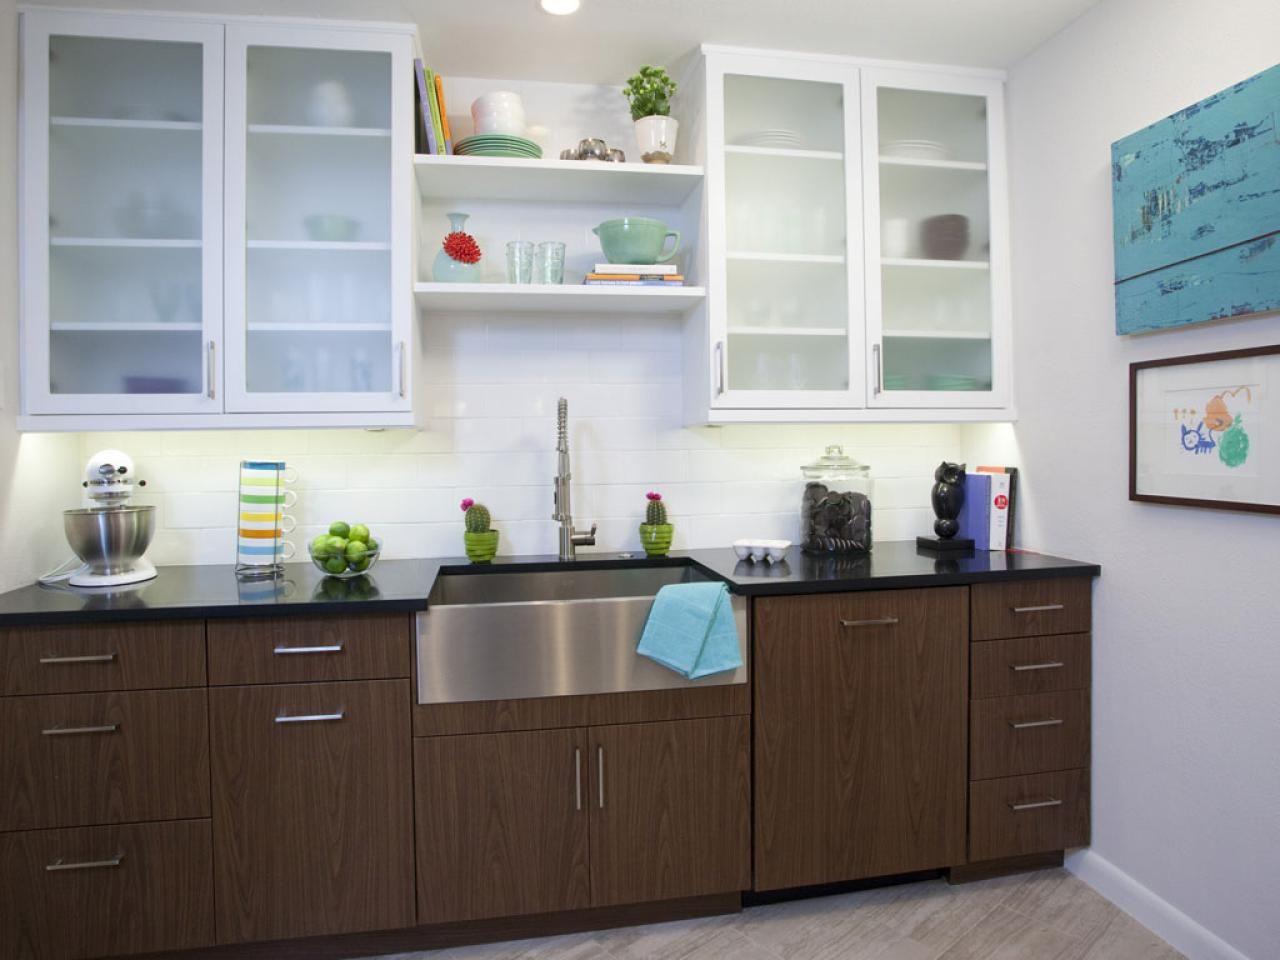 Küche interieur farbschemata zwei ton küchenschränke farbe pick für kontrast erneuerung  es ist